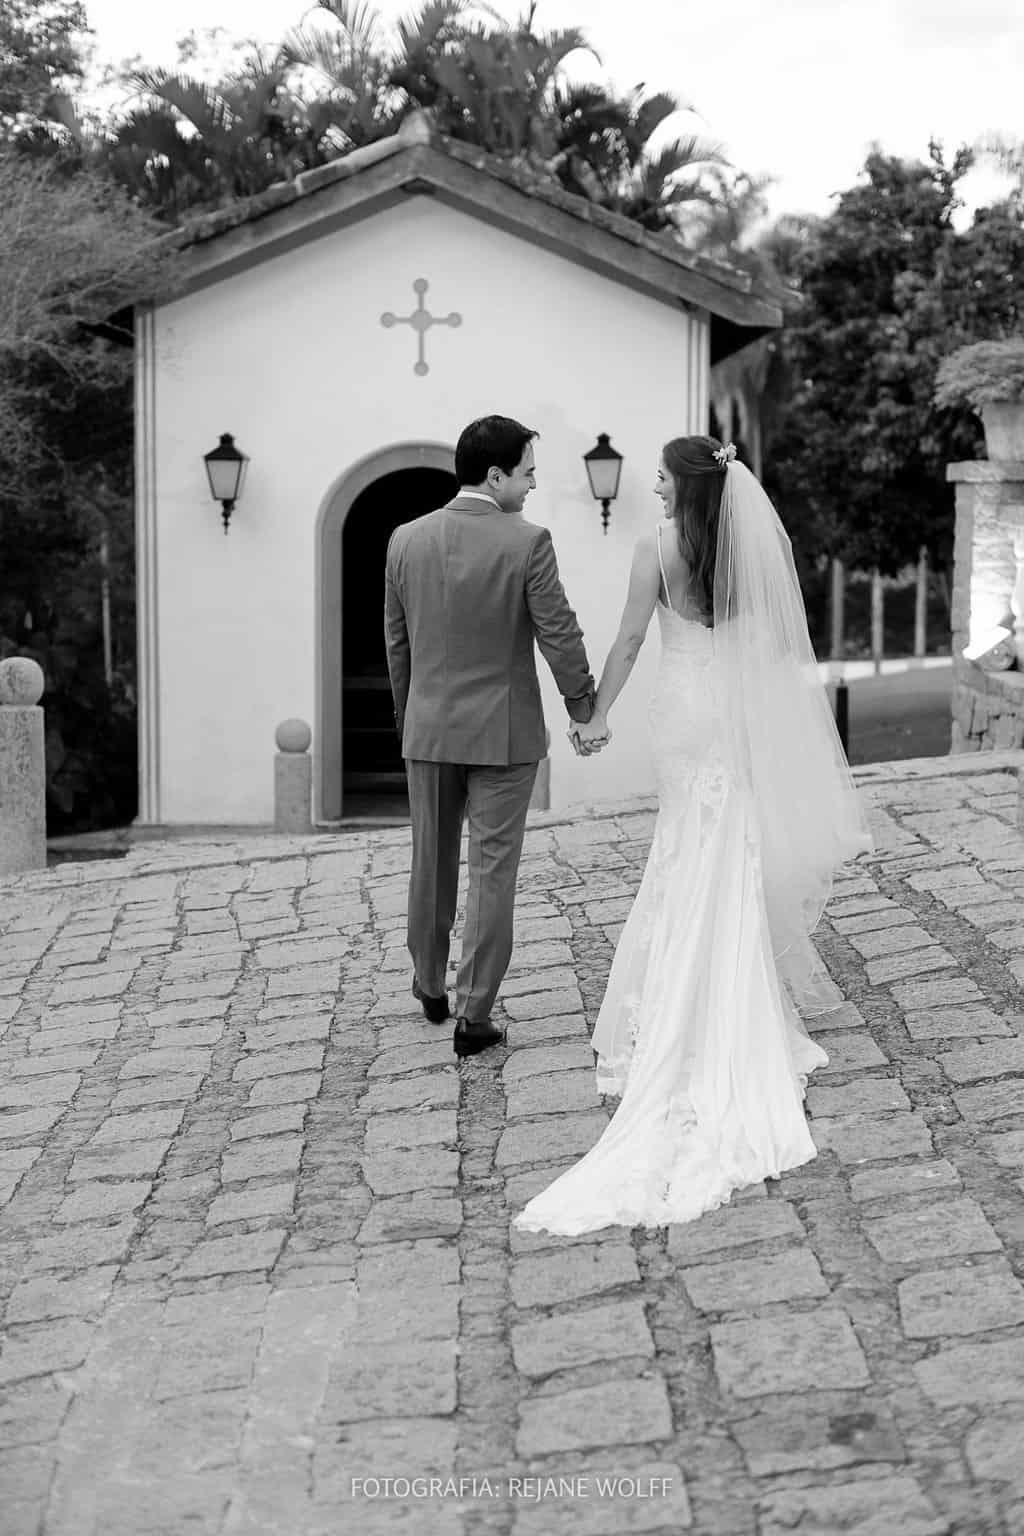 Veridiana-e-Guilherme-Fazenda-Santa-Bárbara-Moças-Casamenteiras-Fábio-Borgatto-e-Telma-Hayashi-Fot-Rejane-Wolff-113